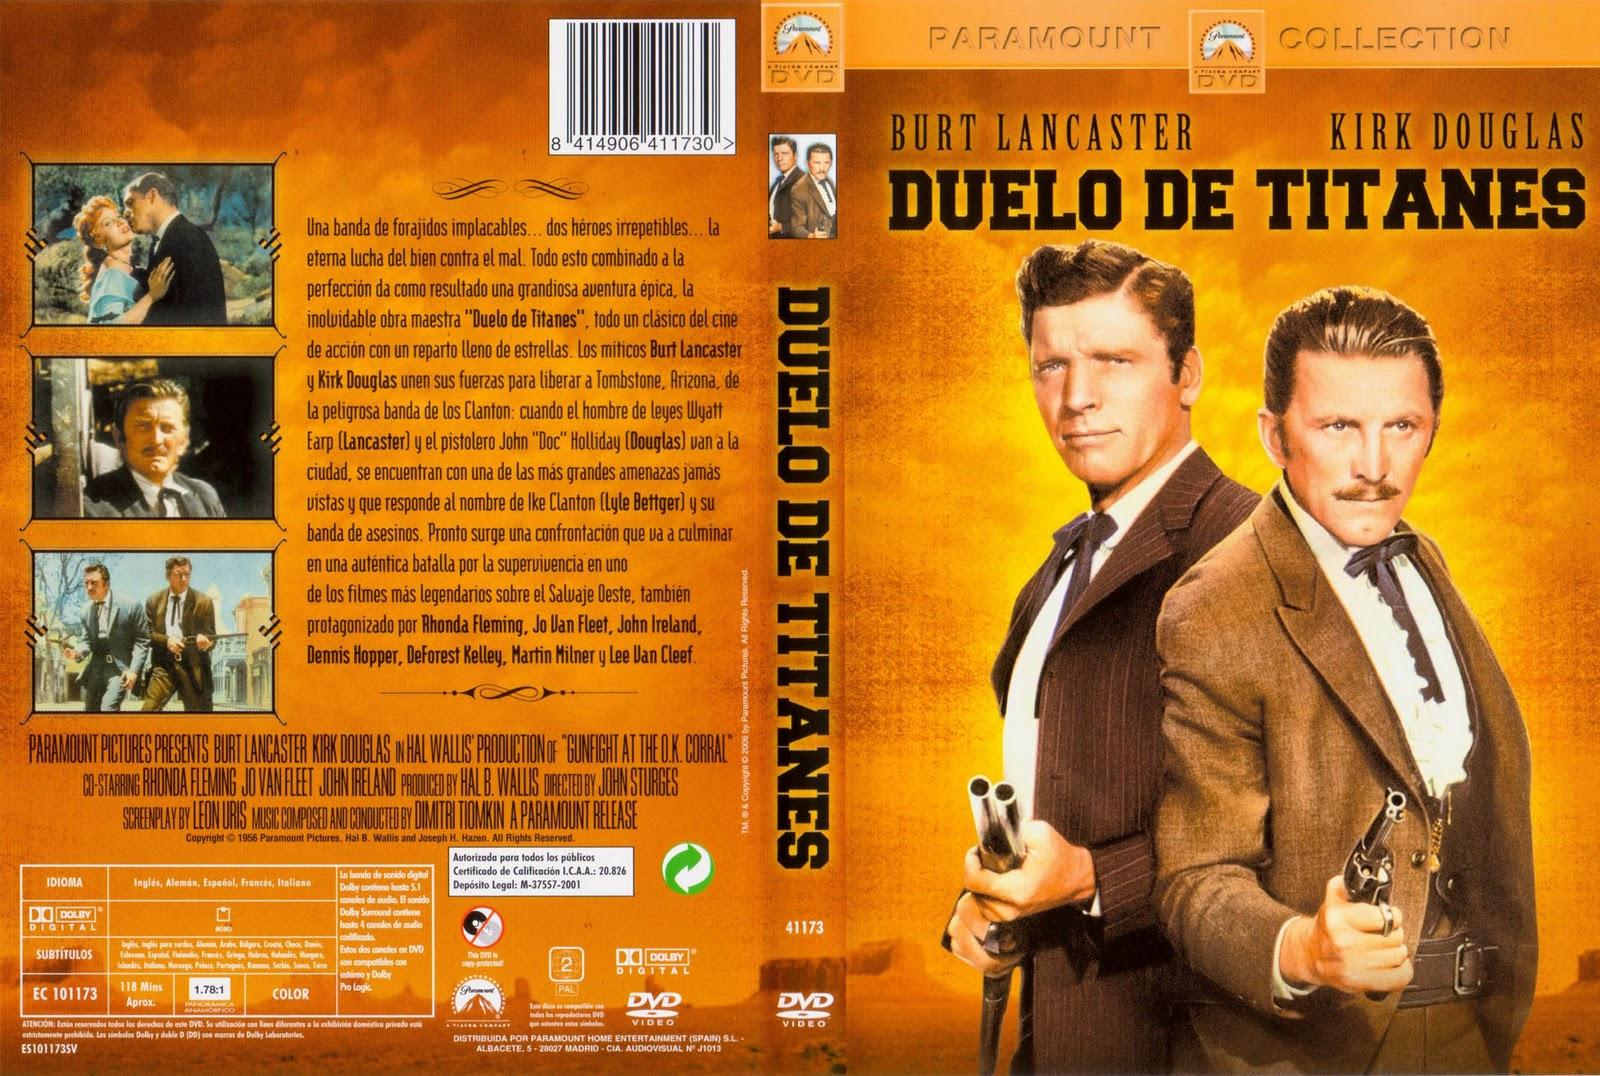 Duelo De Titanes 1957 Castellano Descargar Y Ver Online